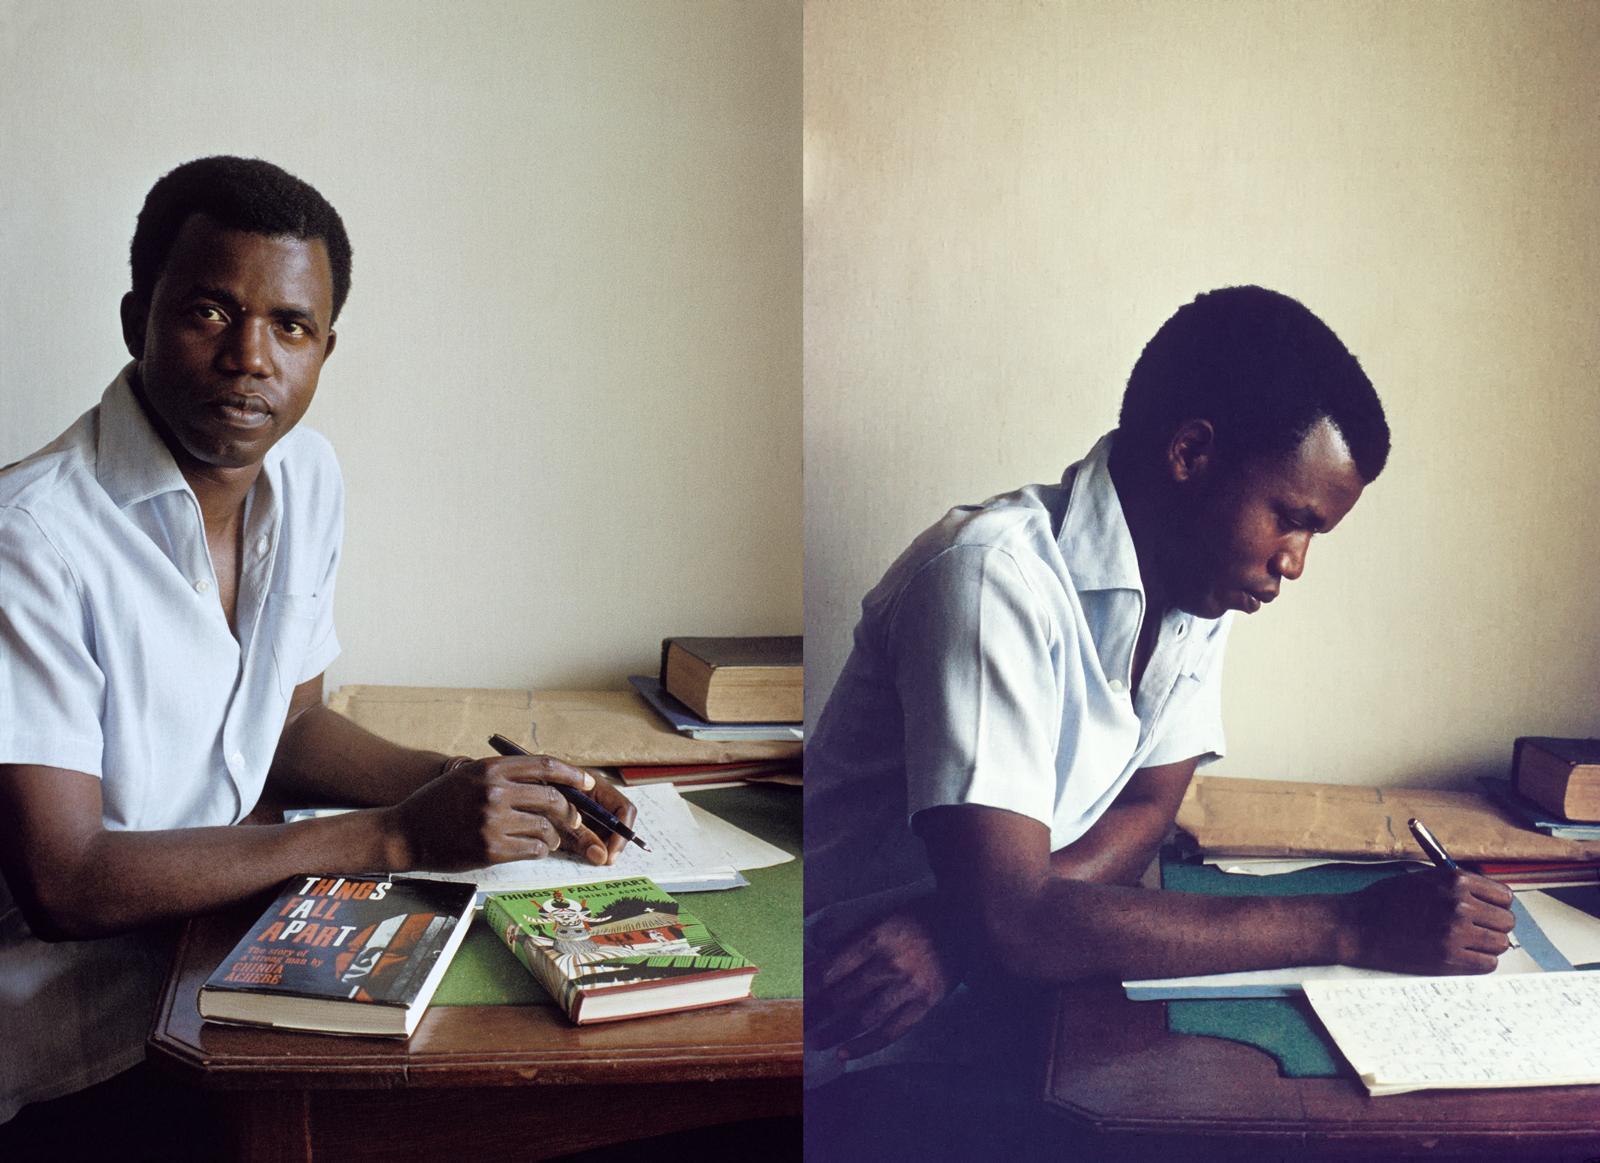 Chinua Achebe, African Author, Black Author, Things Fall Apart, KINDR'D Magazine, KINDR'D, KOLUMN Magazine, KOLUMN, KINDR'D Magazine, KINDR'D, Willoughby Avenue